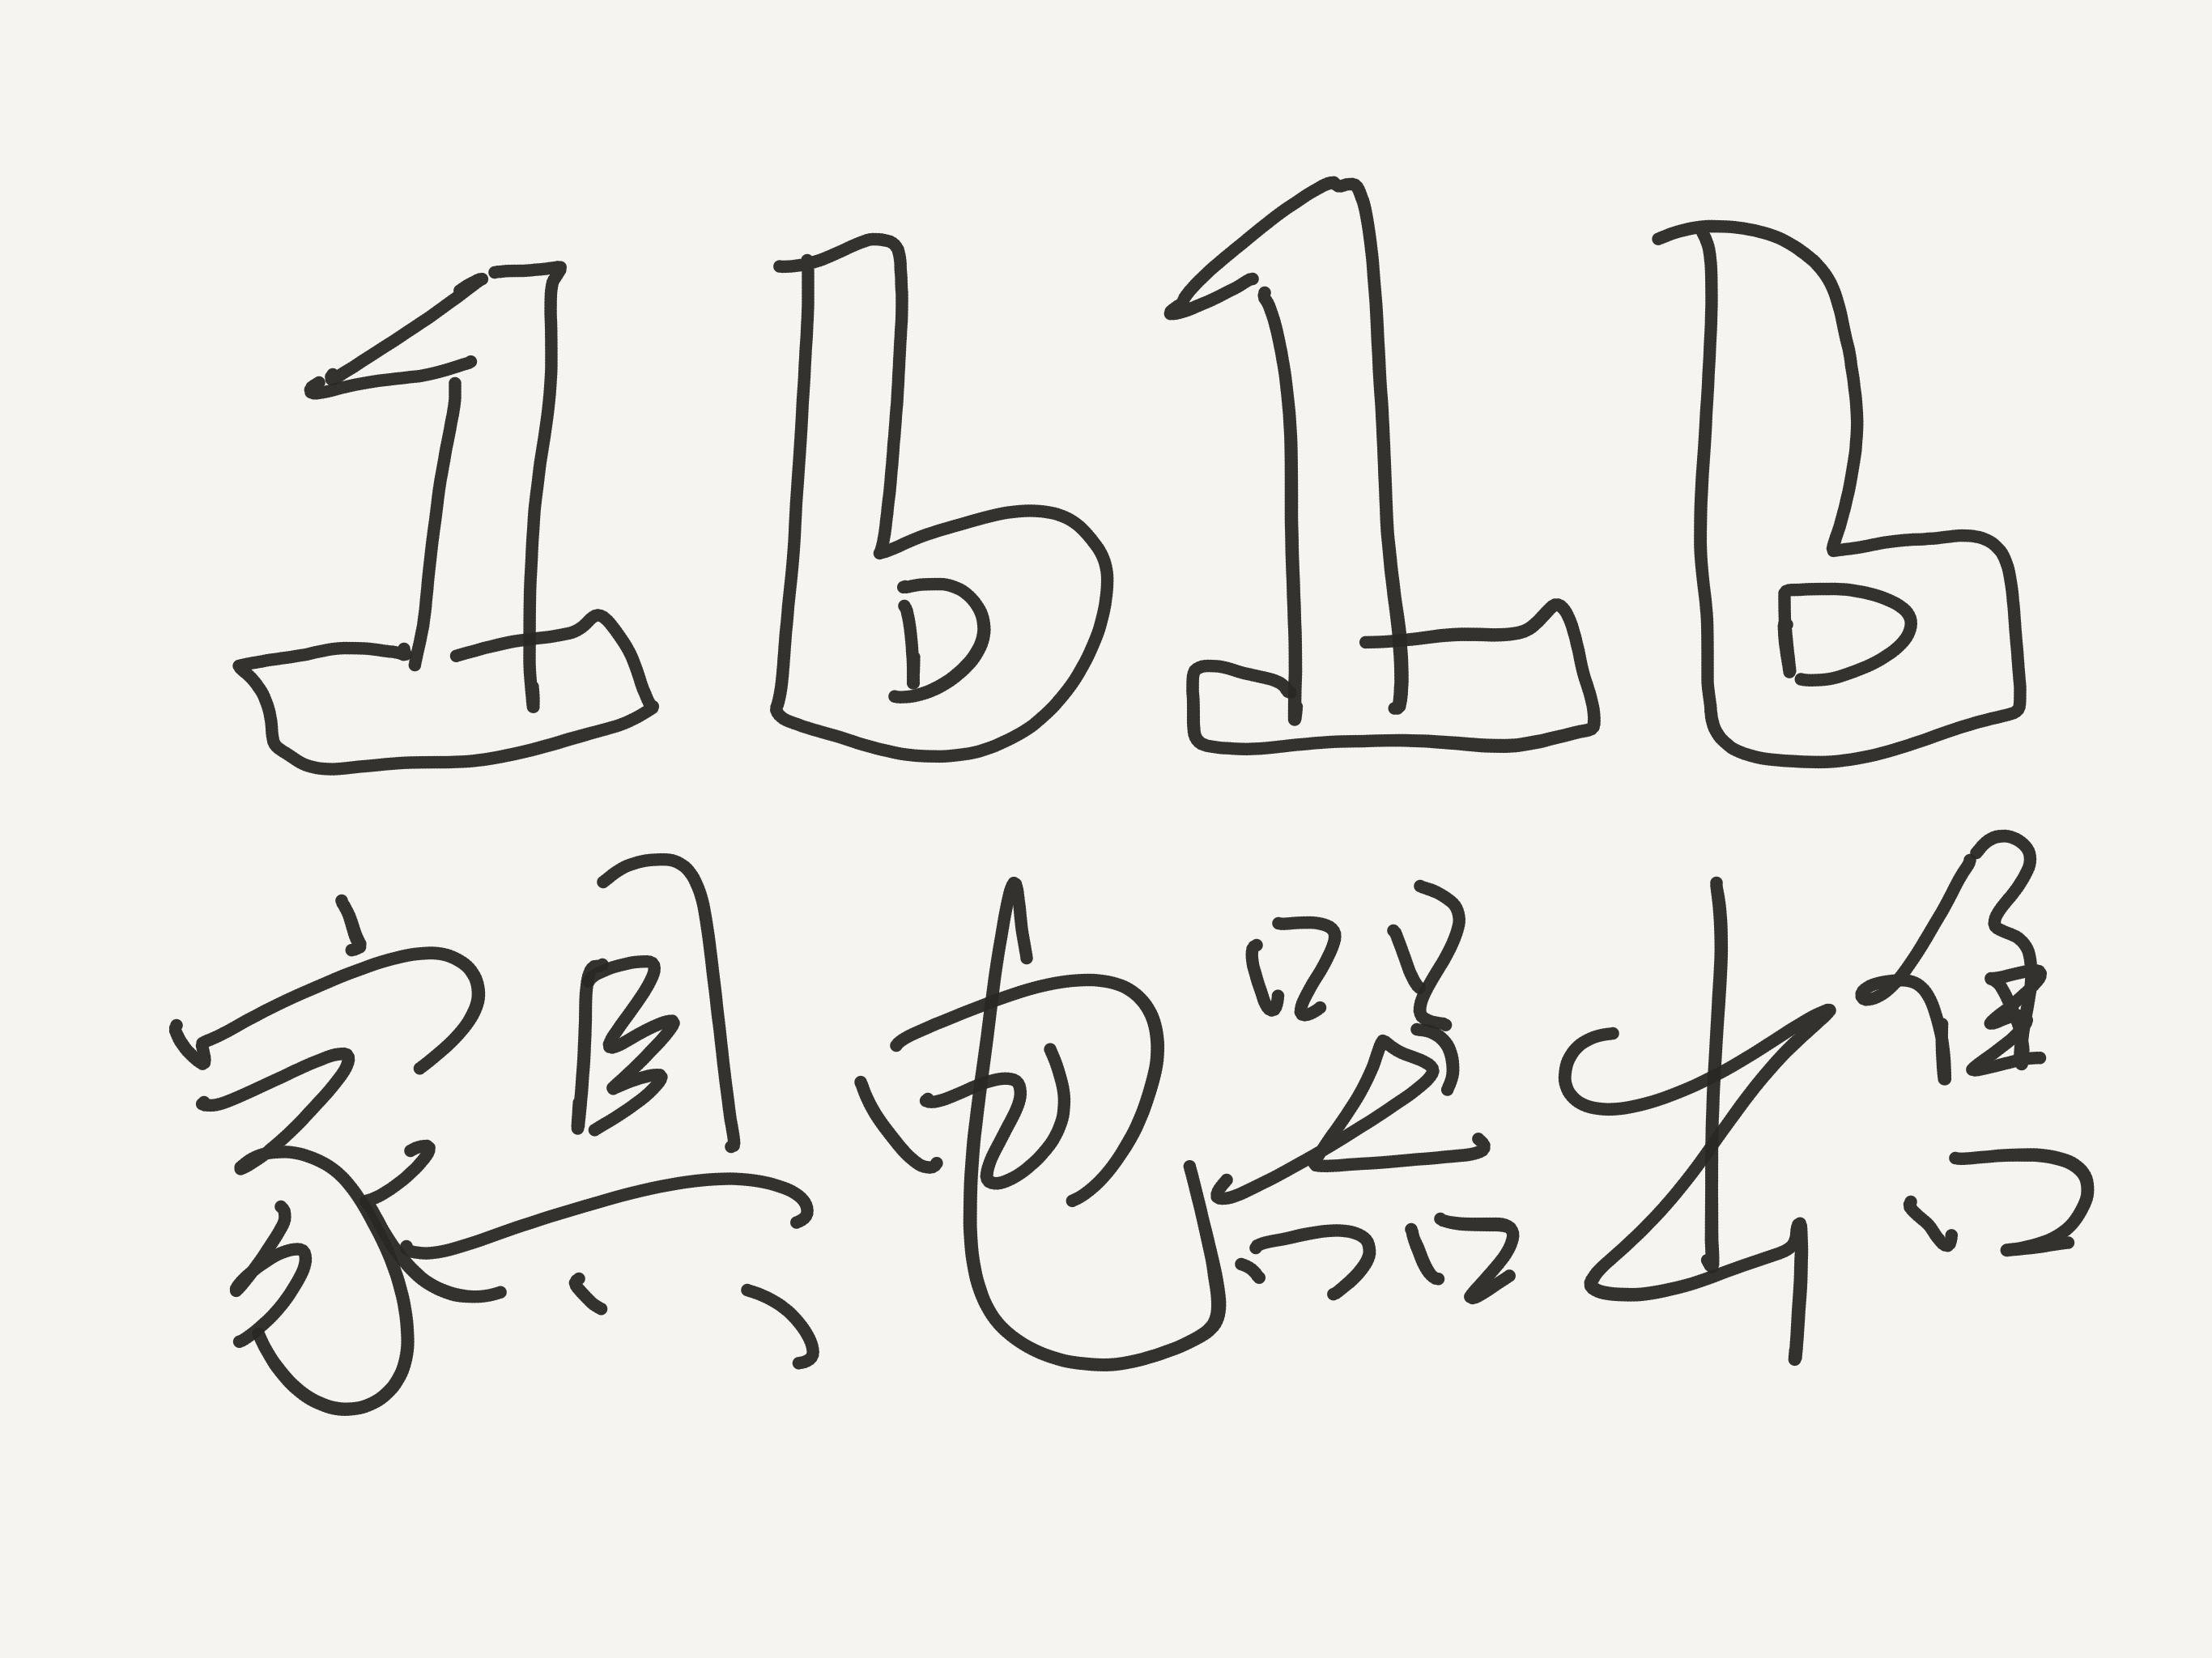 简笔画 设计 矢量 矢量图 手绘 素材 线稿 2732_2048